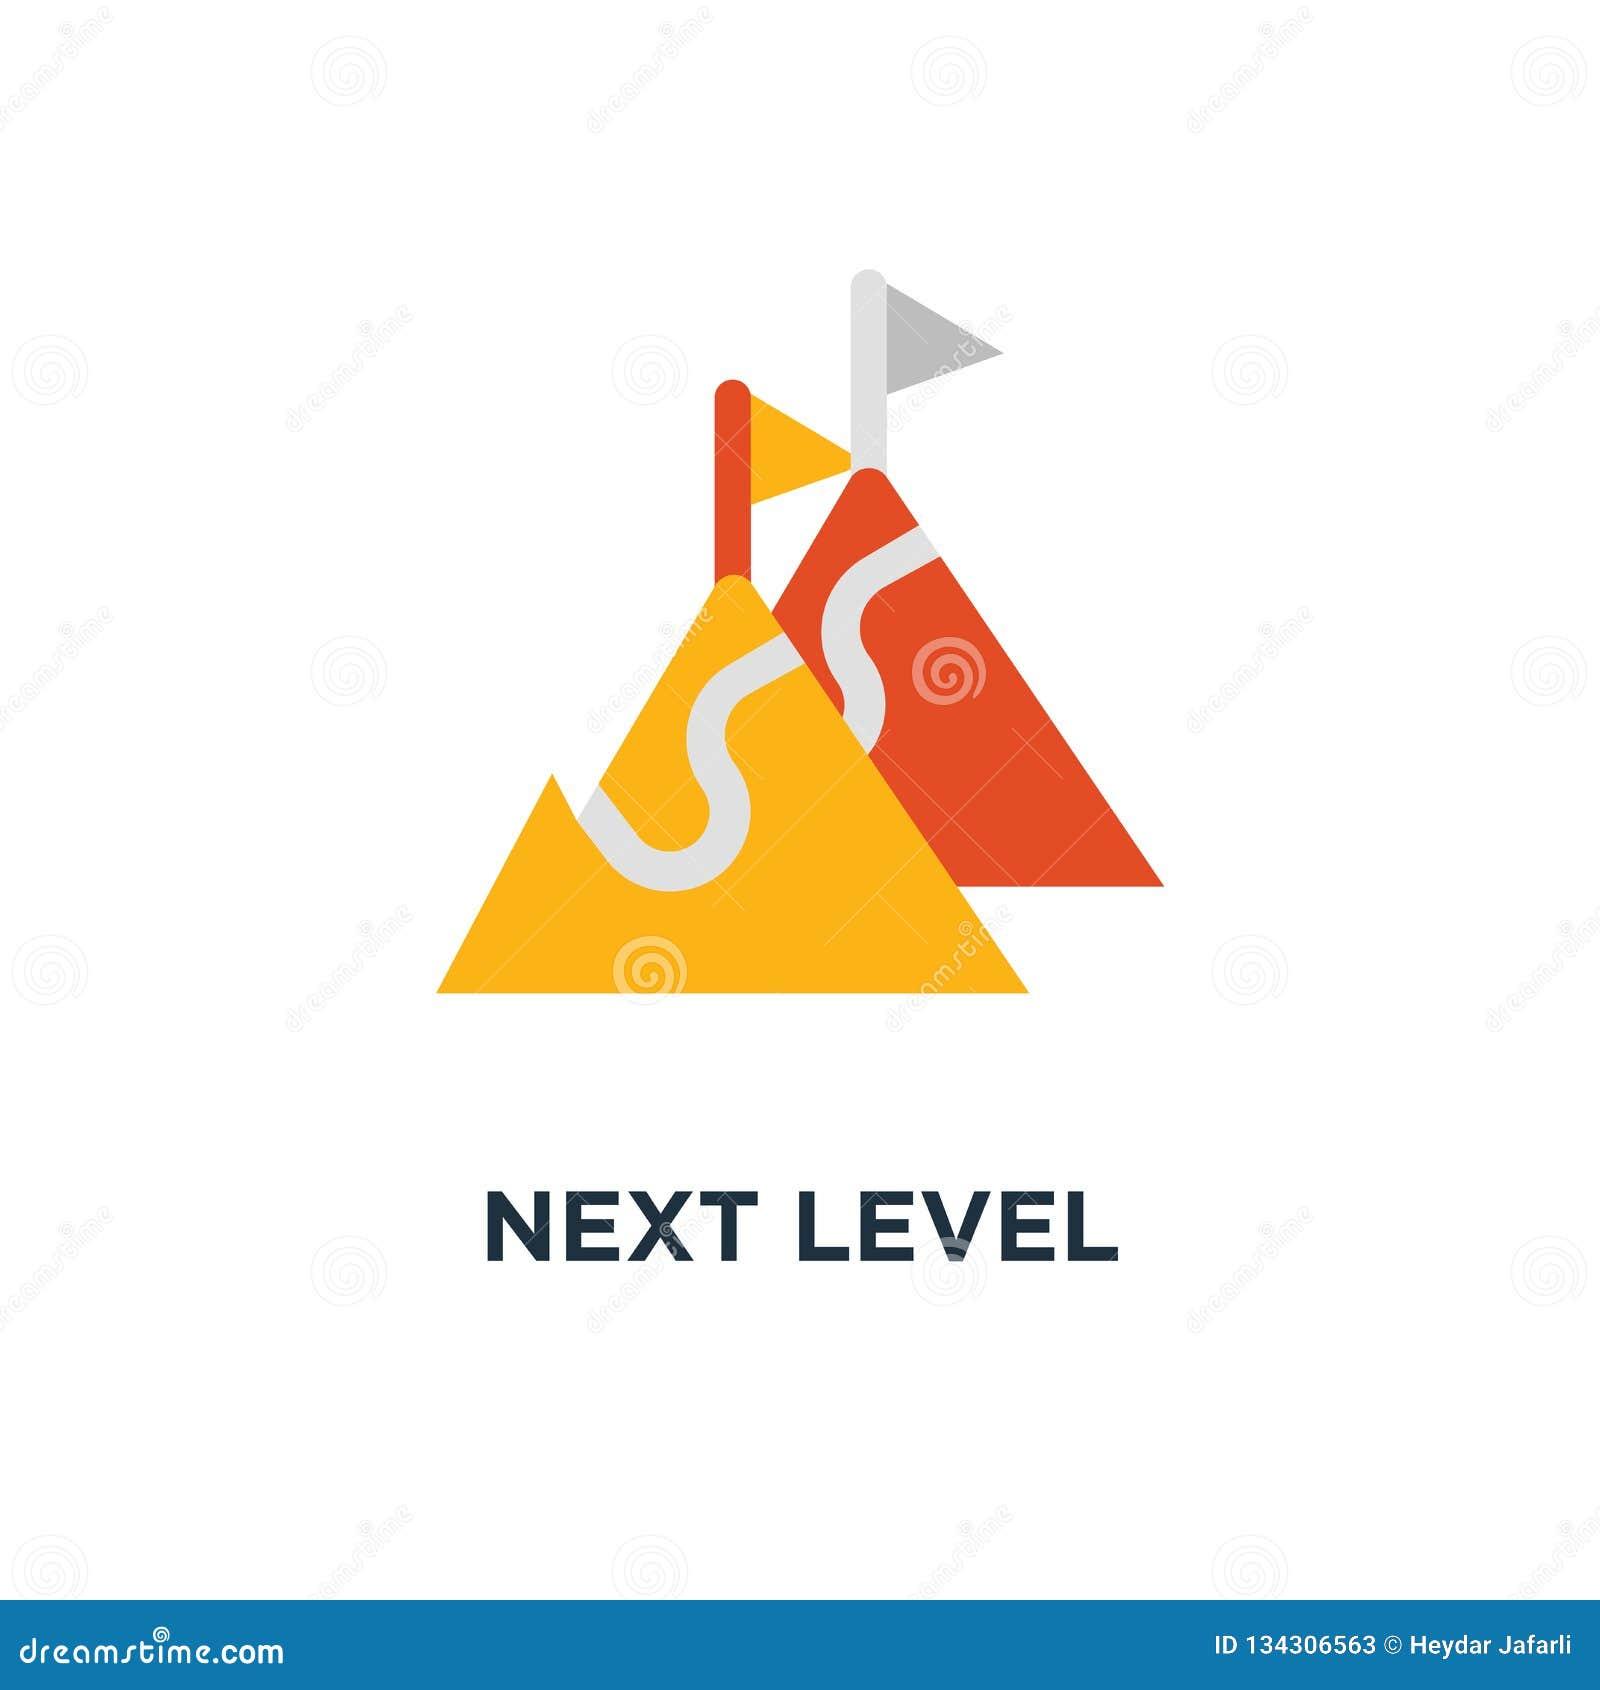 Folgende waagerecht ausgerichtete Ikone Verbesserung, langfristiger Ehrgeiz, zukünftiger Aspirationskonzeptsymbolentwurf, Weise z